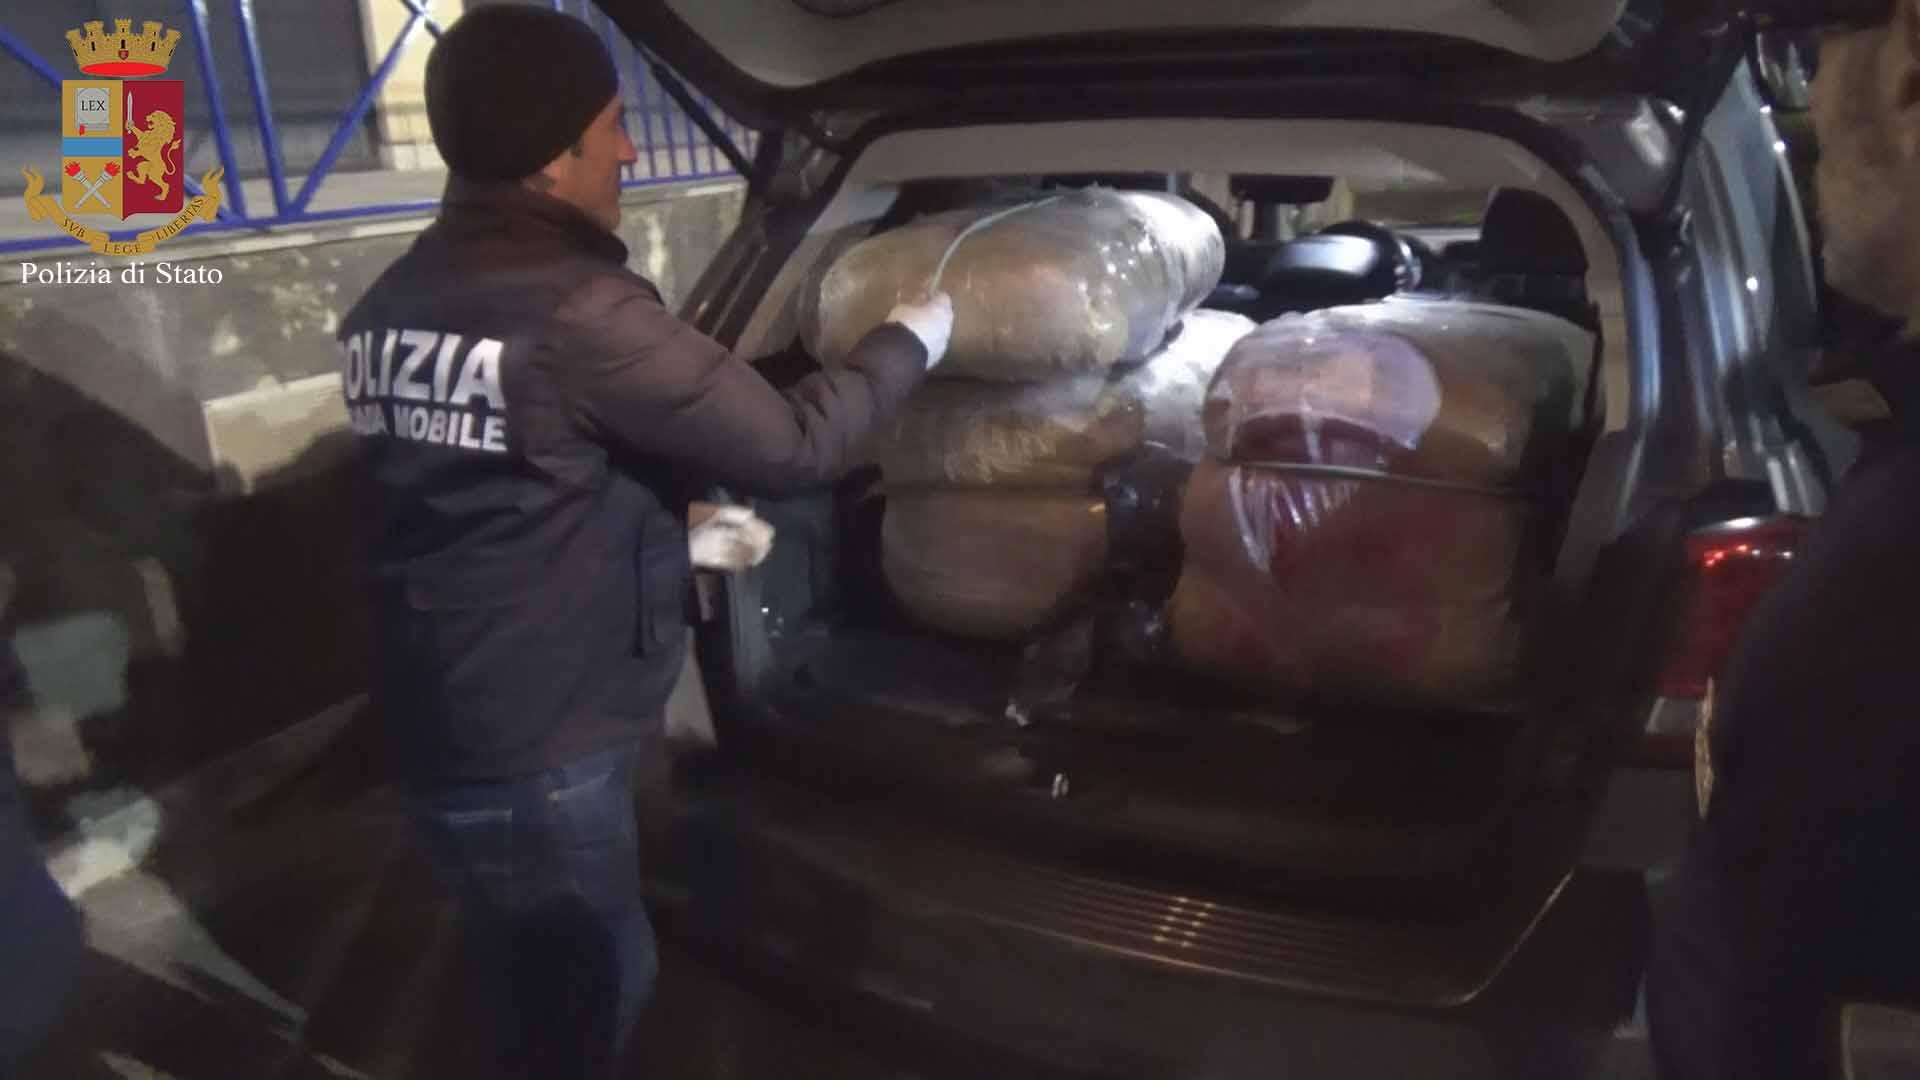 Ragusa, 76 kg di droga nel baule dell'auto: arrestato un vittoriese